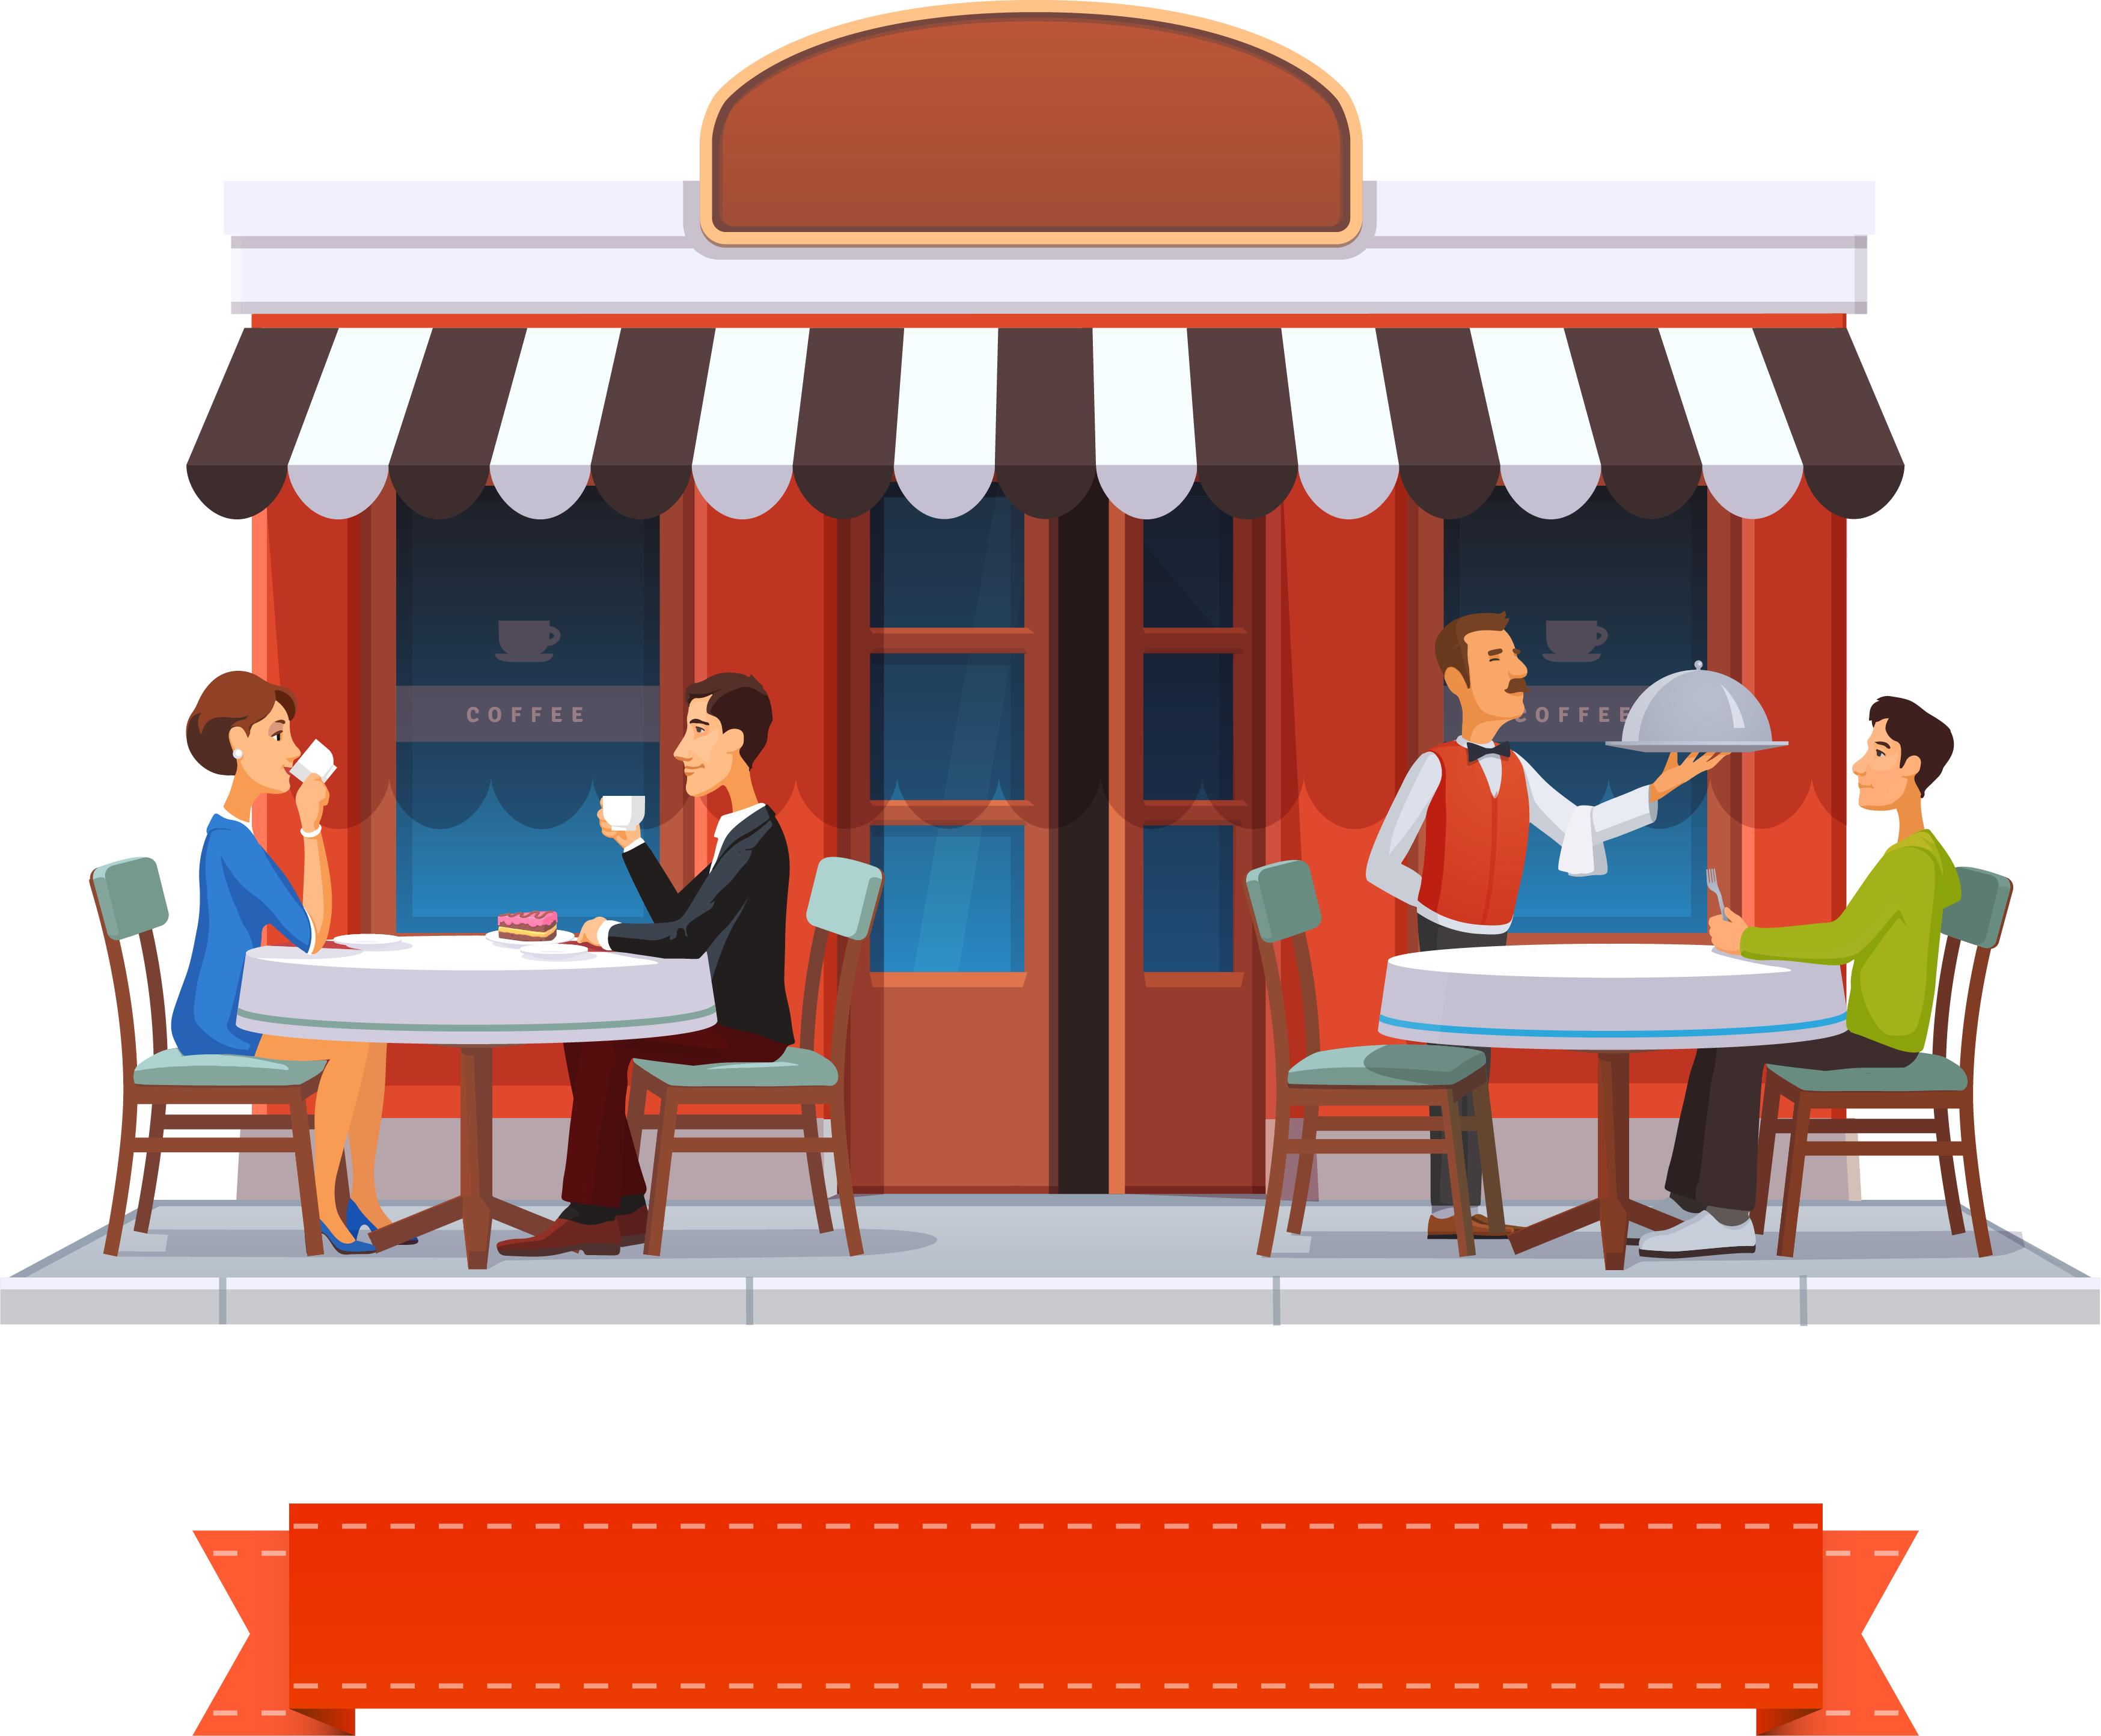 Vrei sa gasesti un restaurant anume ? Cauta-l pe aplicatiile mobile special concepute pentru asta!